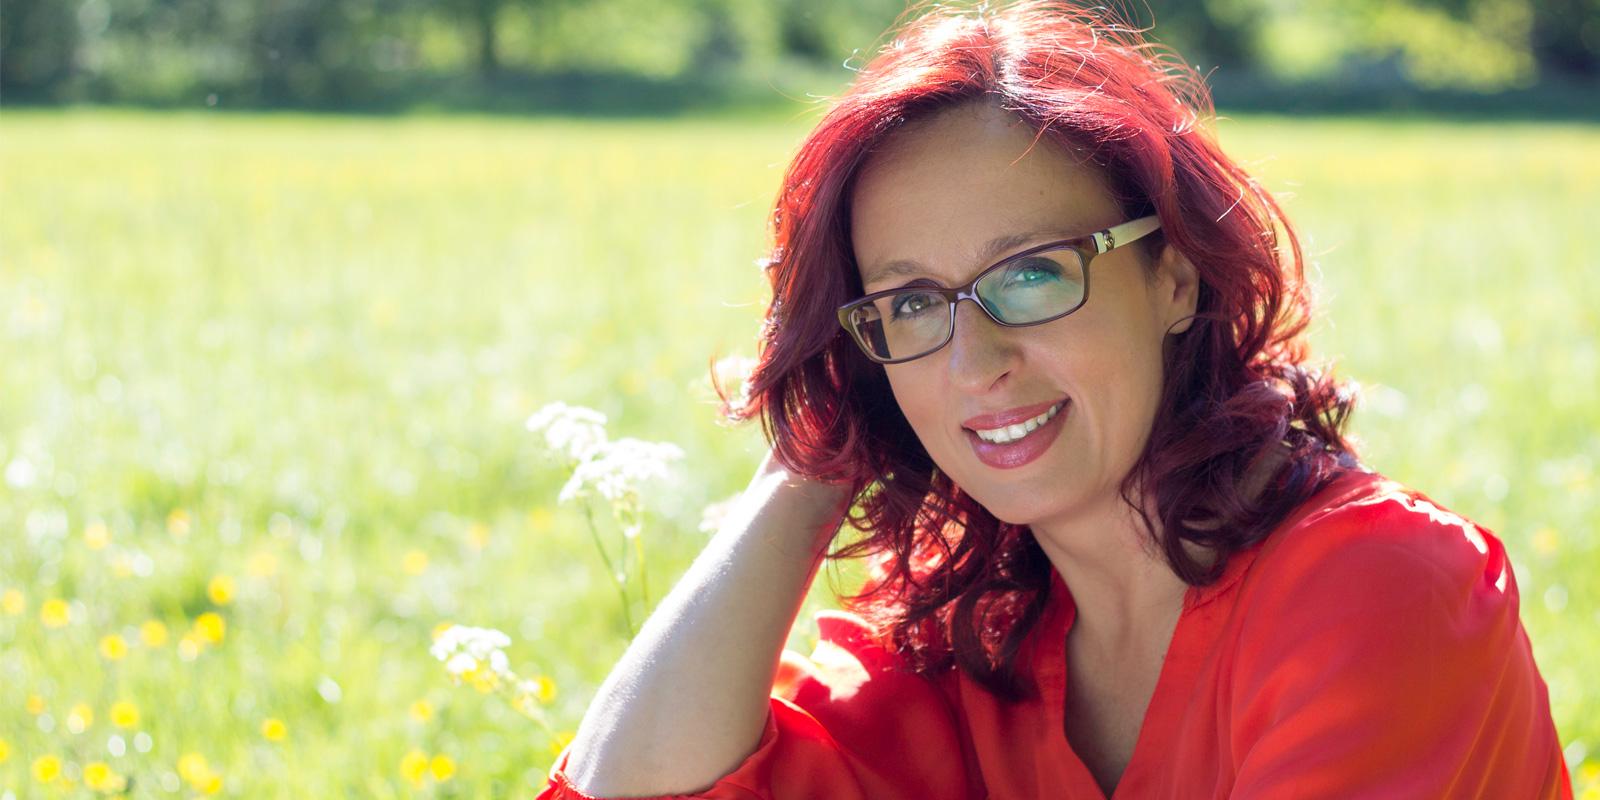 Zara Stella Nutritionist